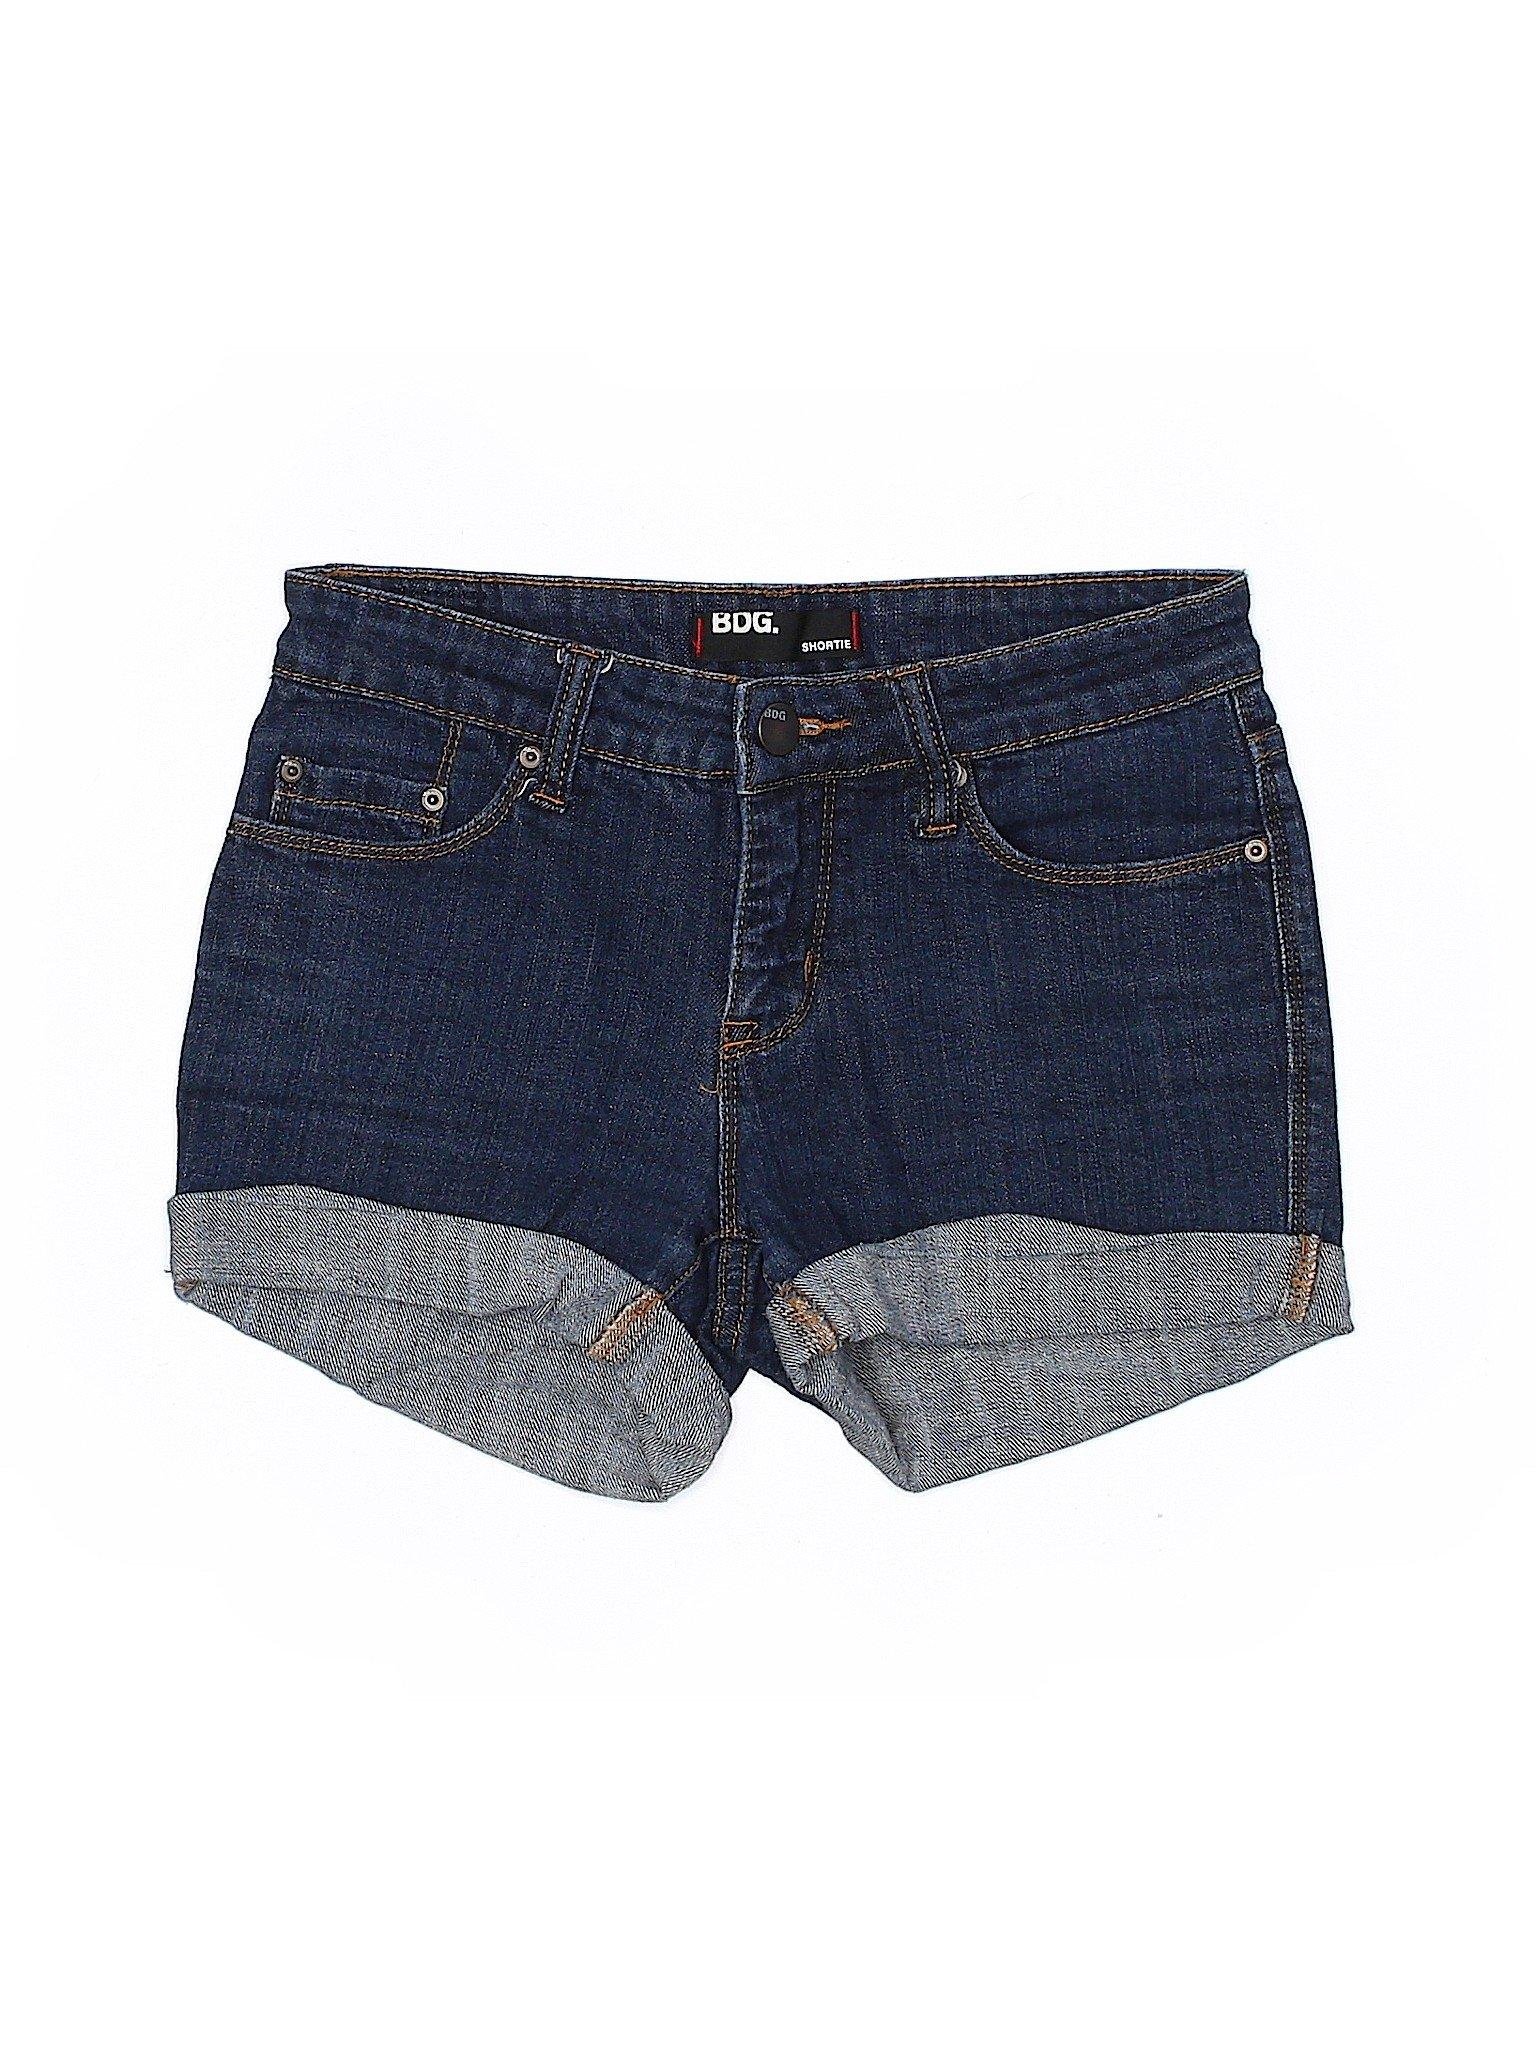 Shorts Boutique BDG Shorts Denim BDG Denim Boutique leisure leisure wFfPtdPq